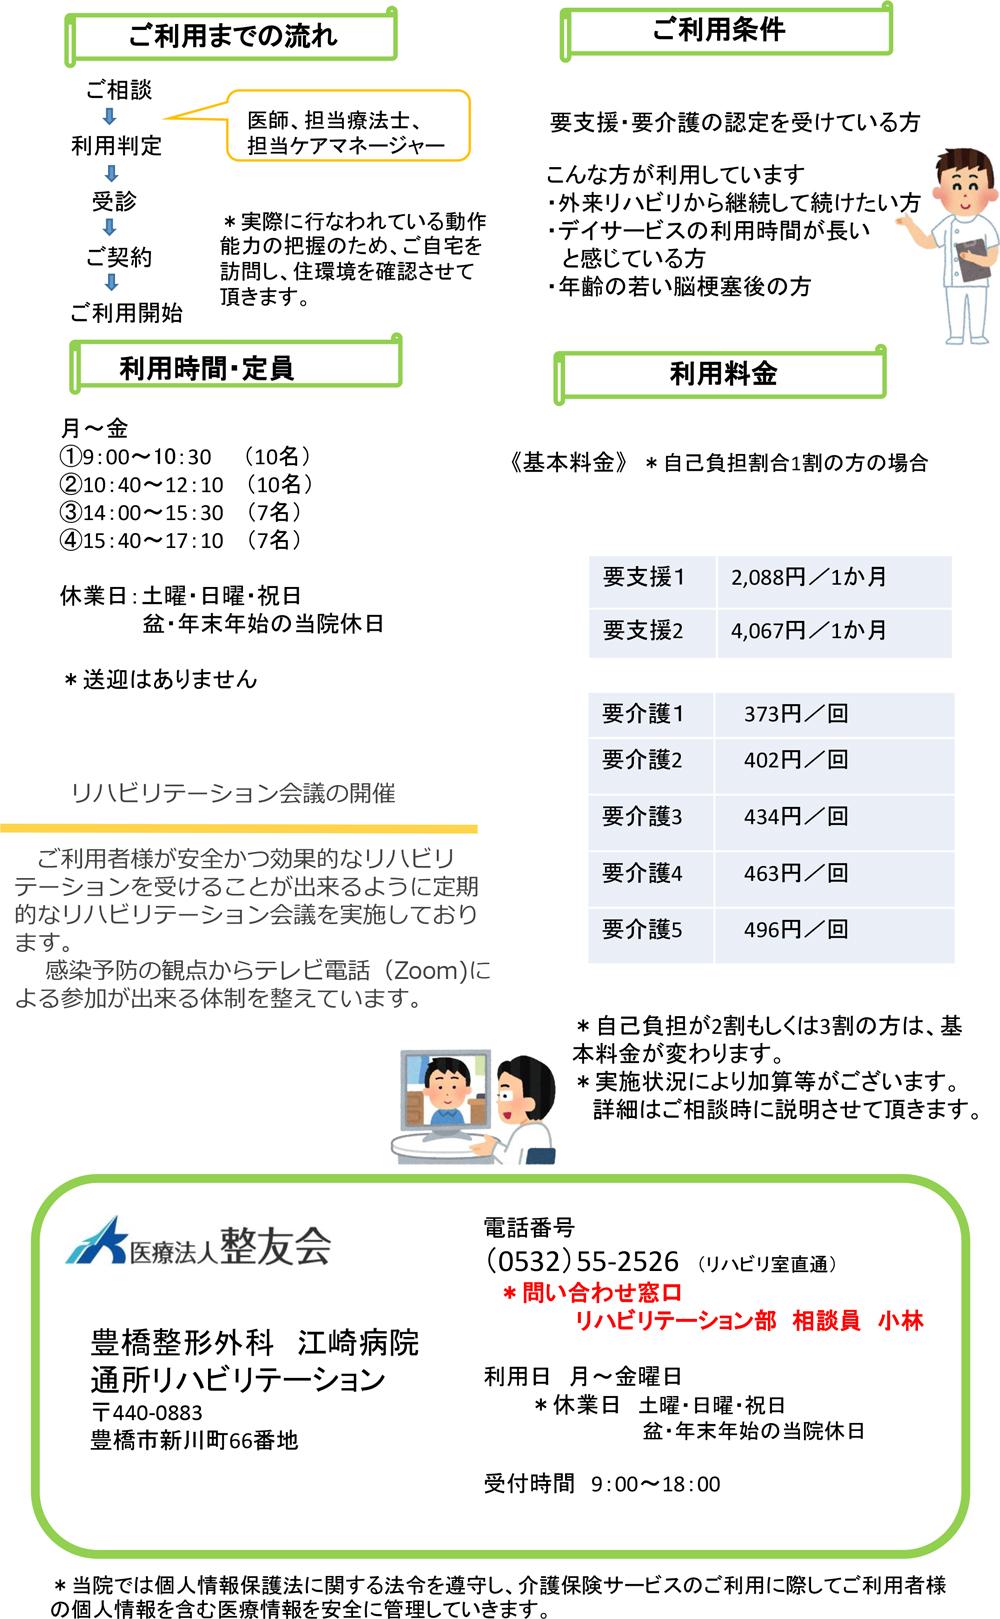 豊橋整形外科 江崎病院・通所リハビリテーションのご案内・2